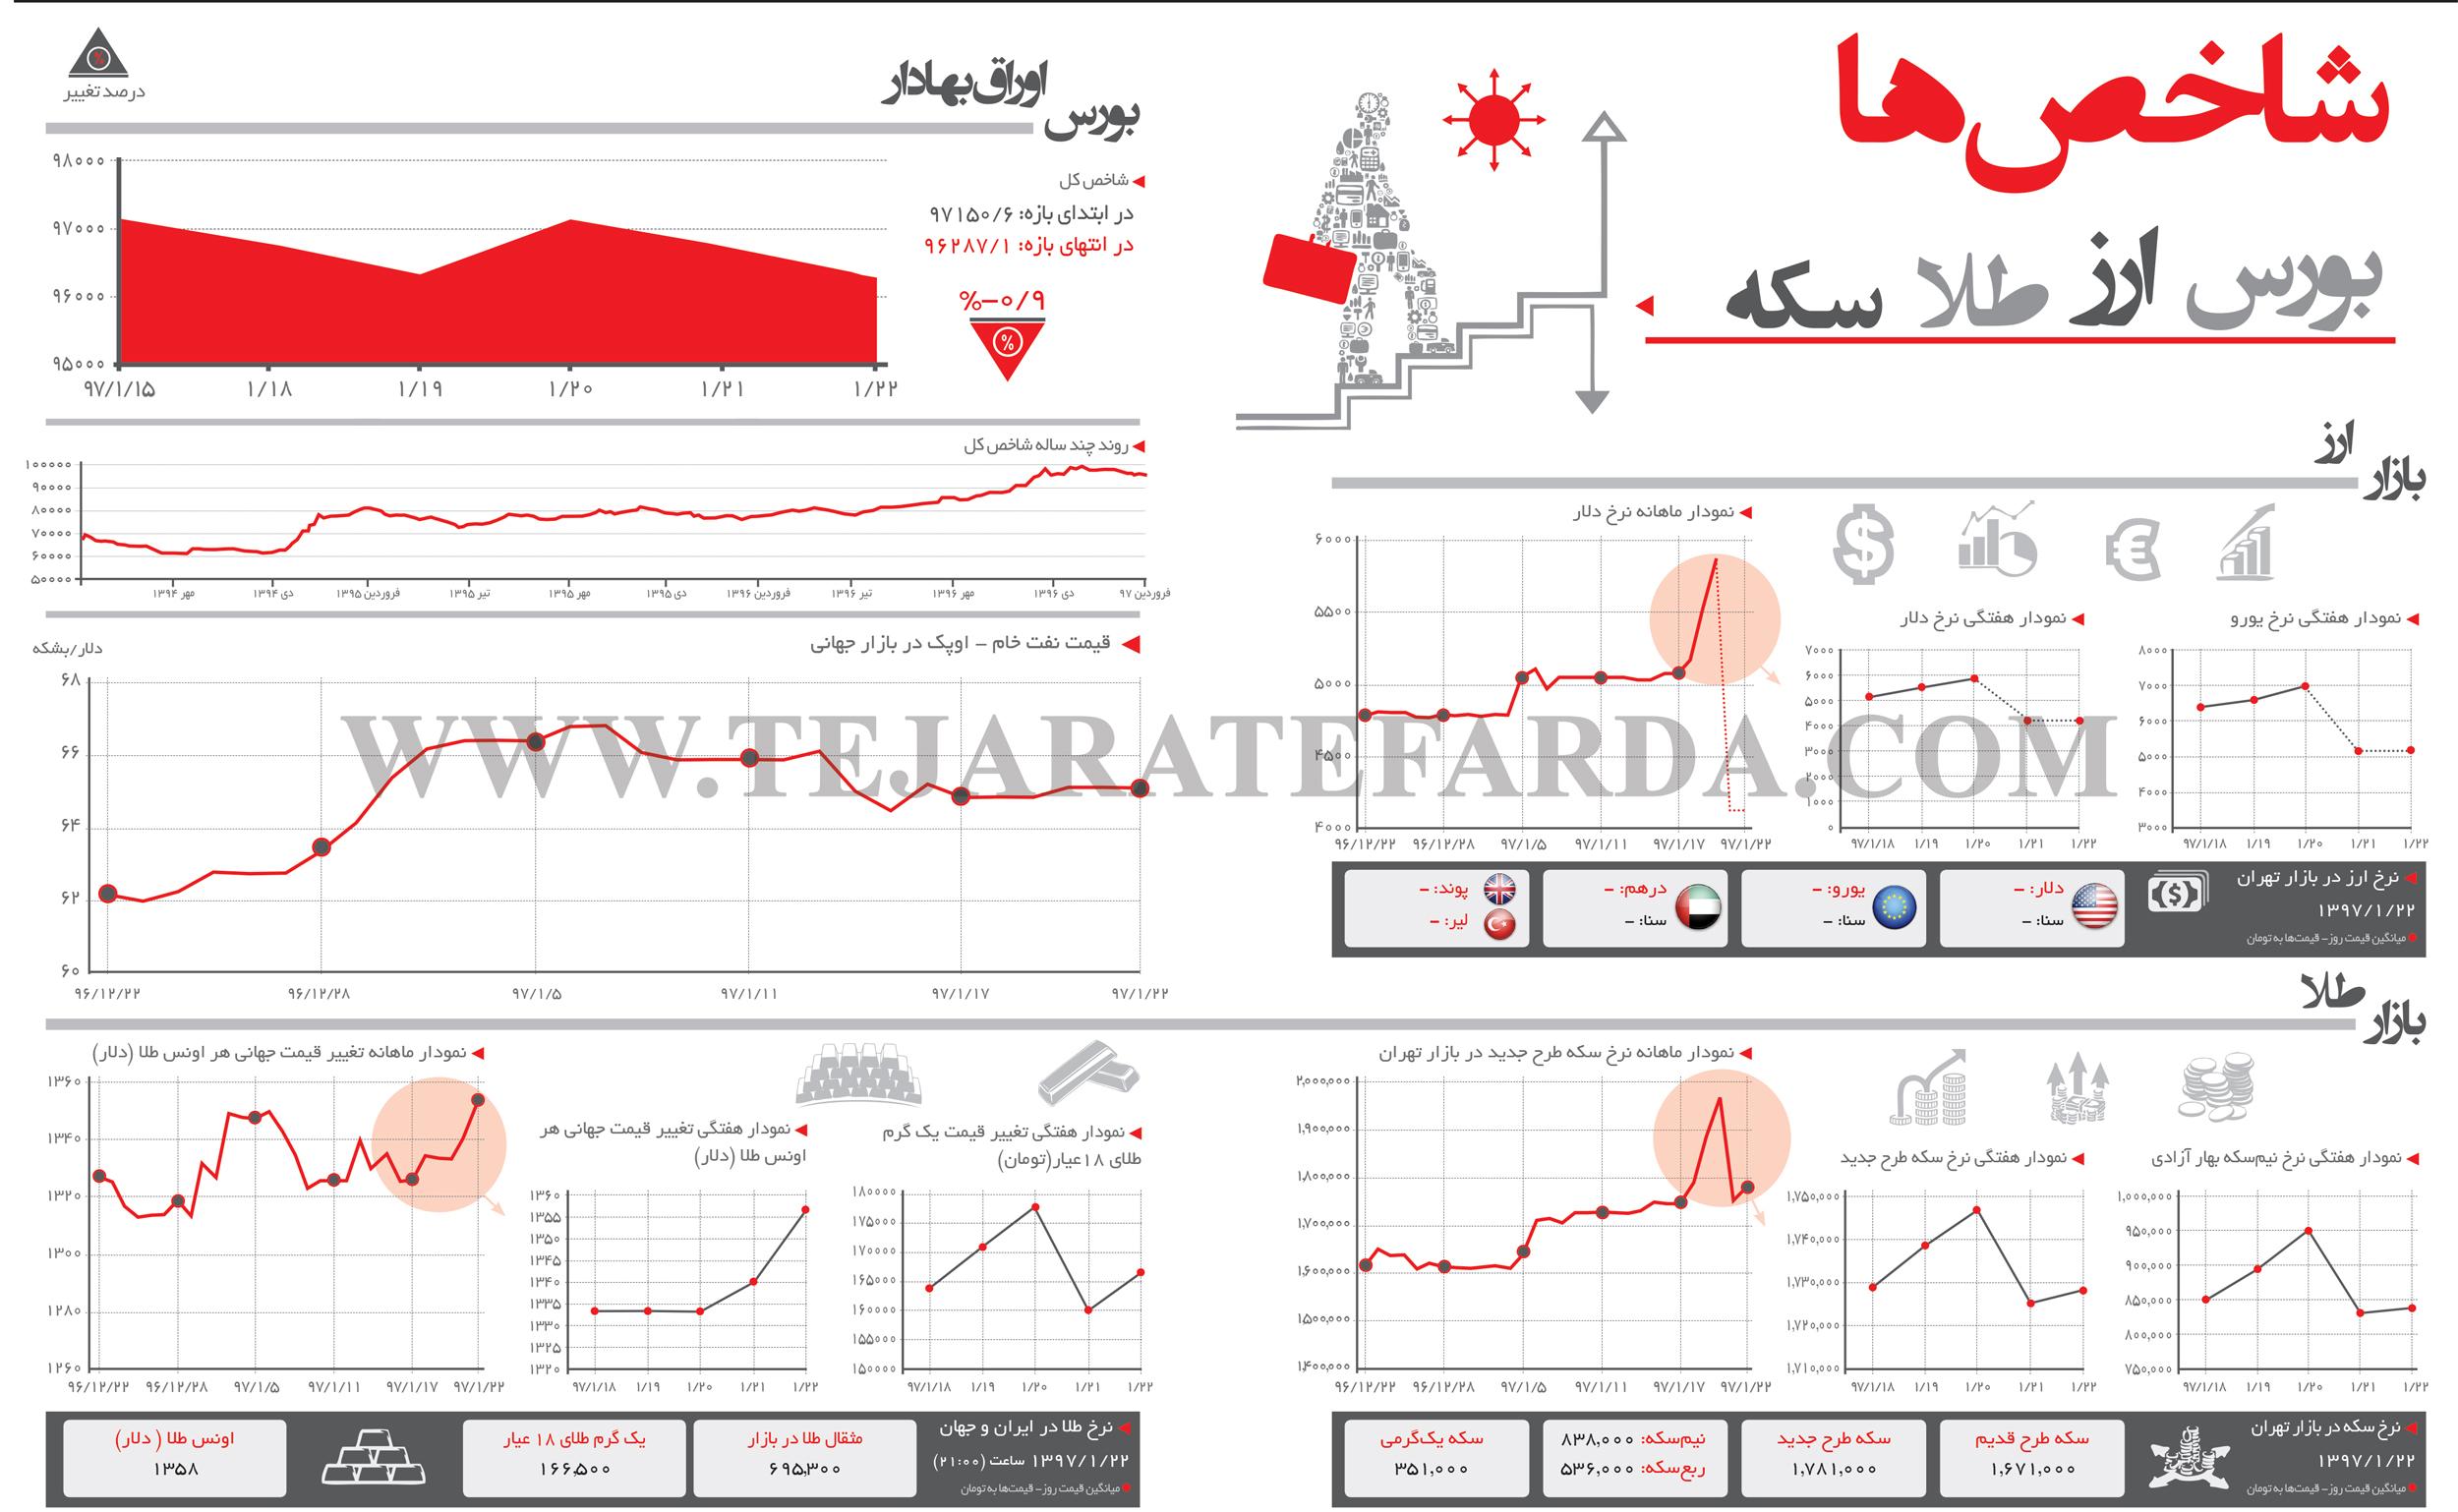 تجارت فردا- اینفوگرافیک- شاخصهای اقتصادی (264)